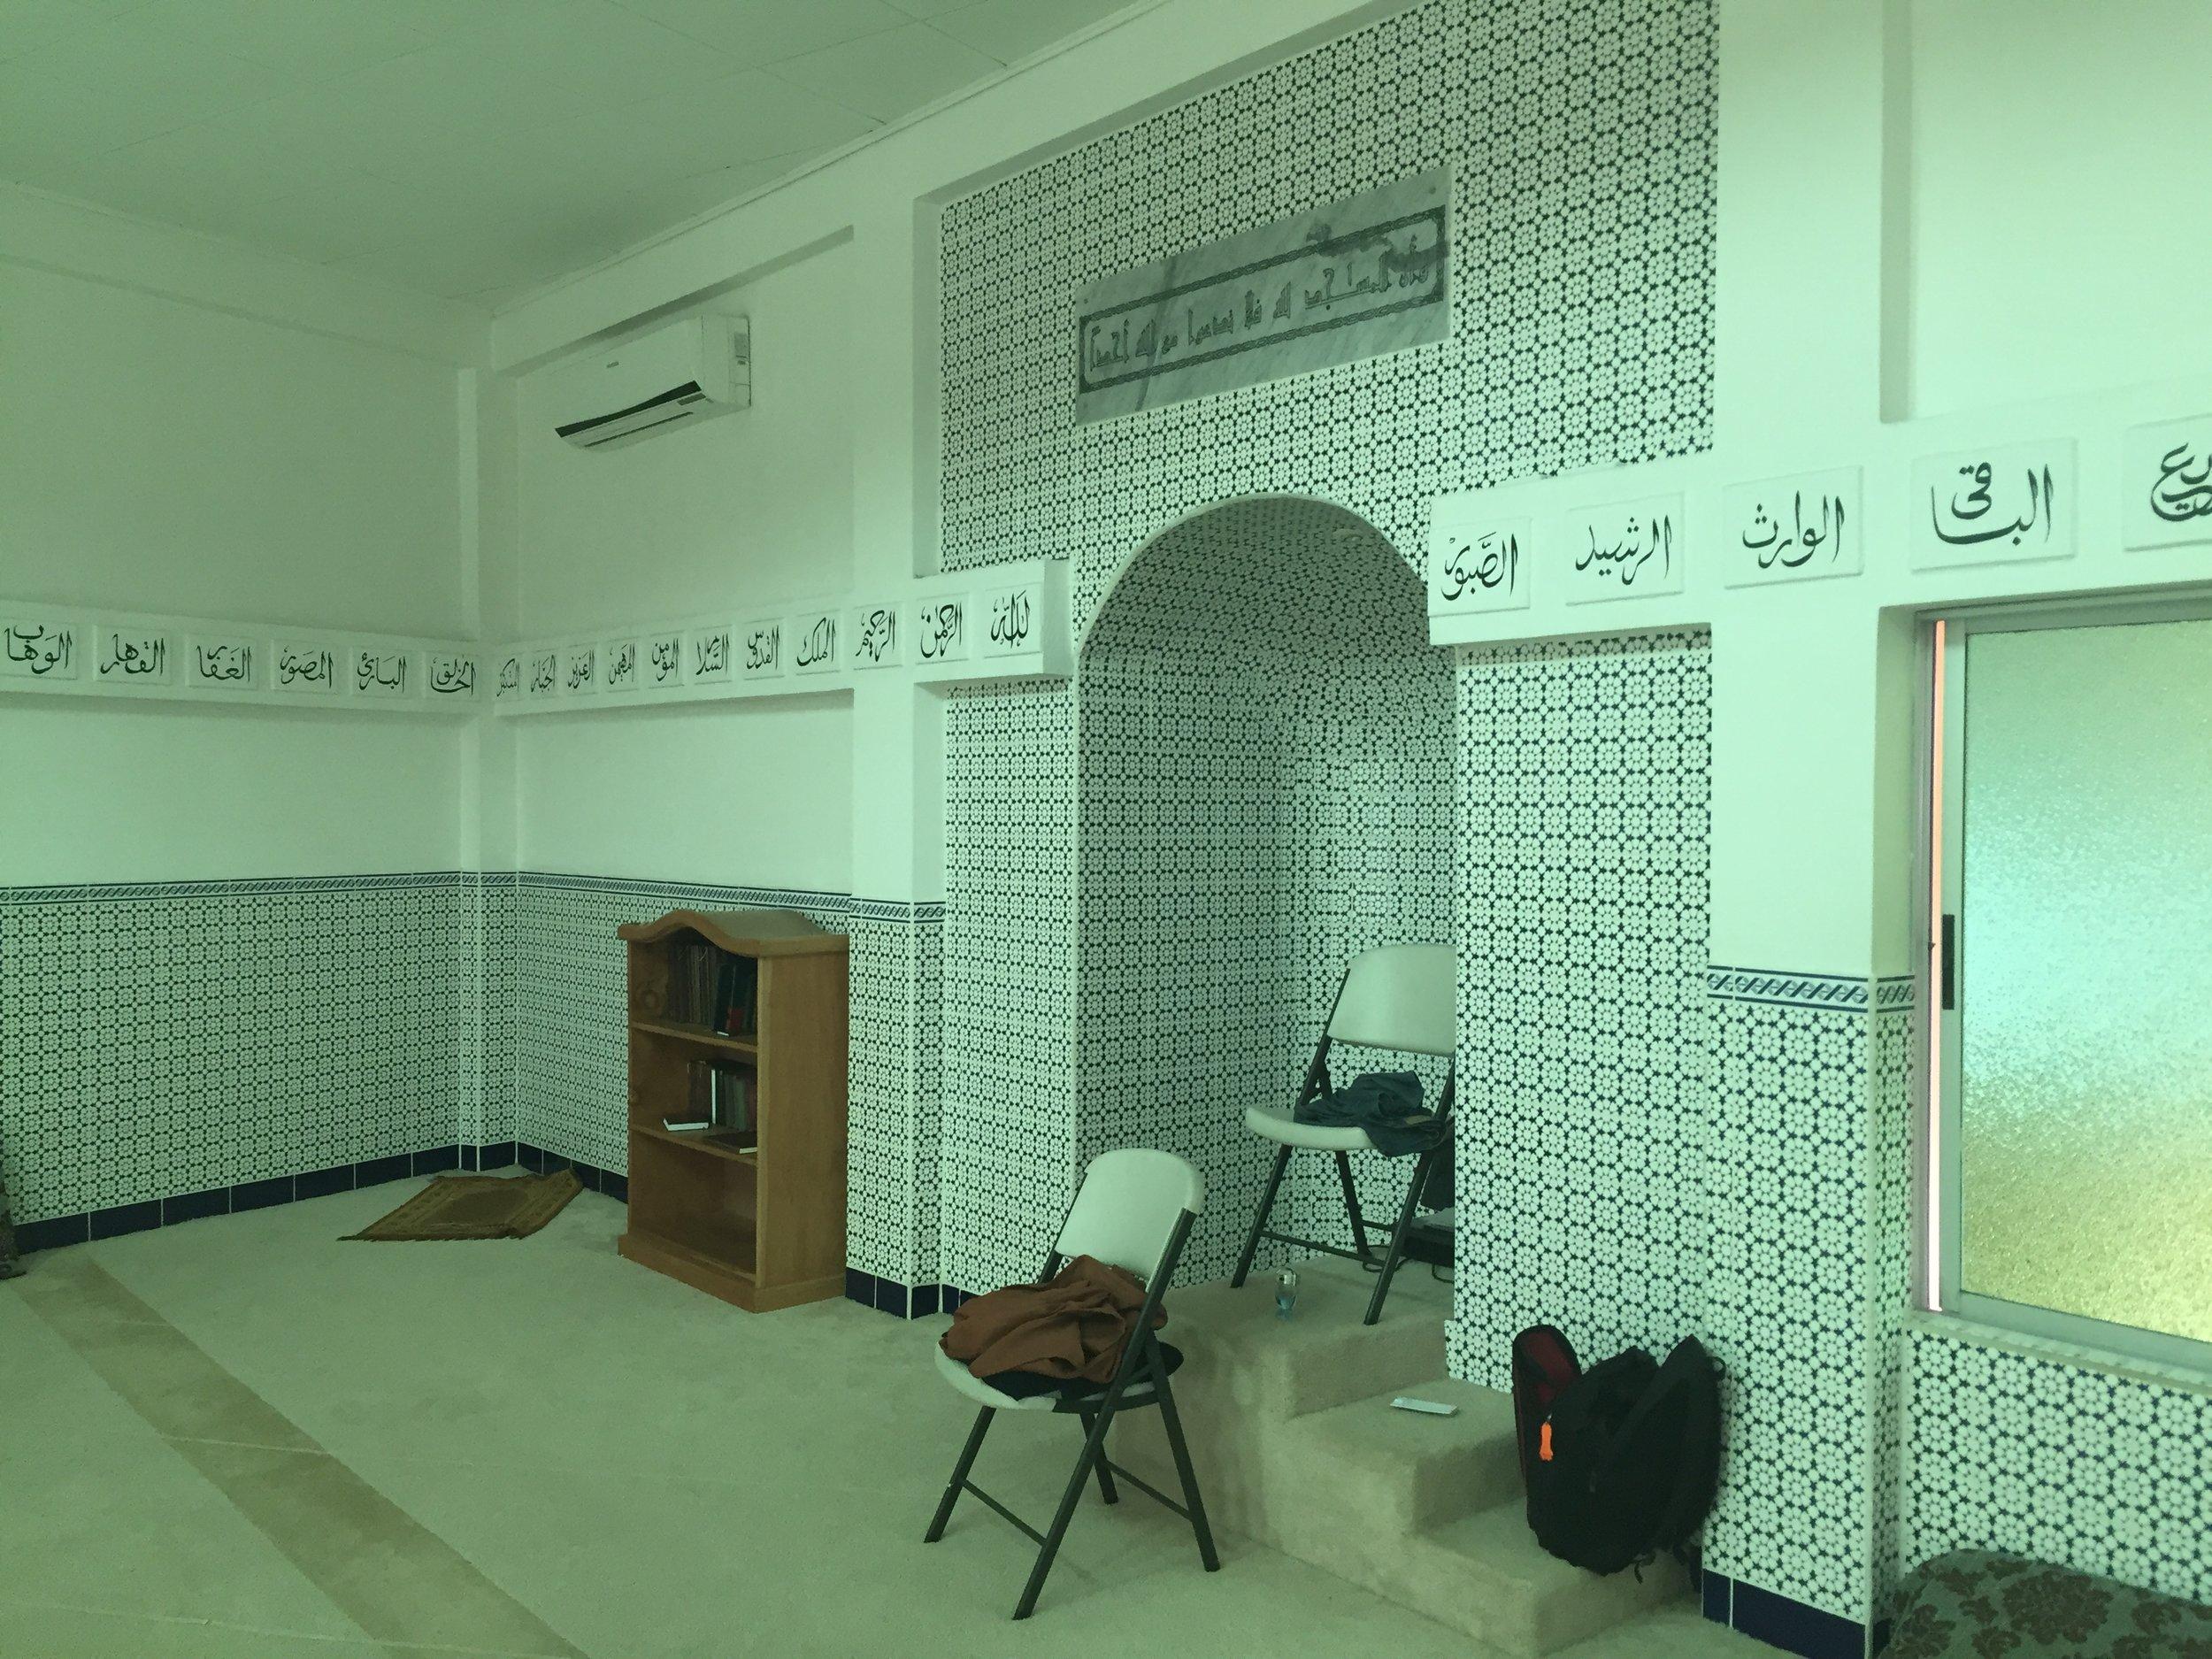 مسجد عمر من الداخل